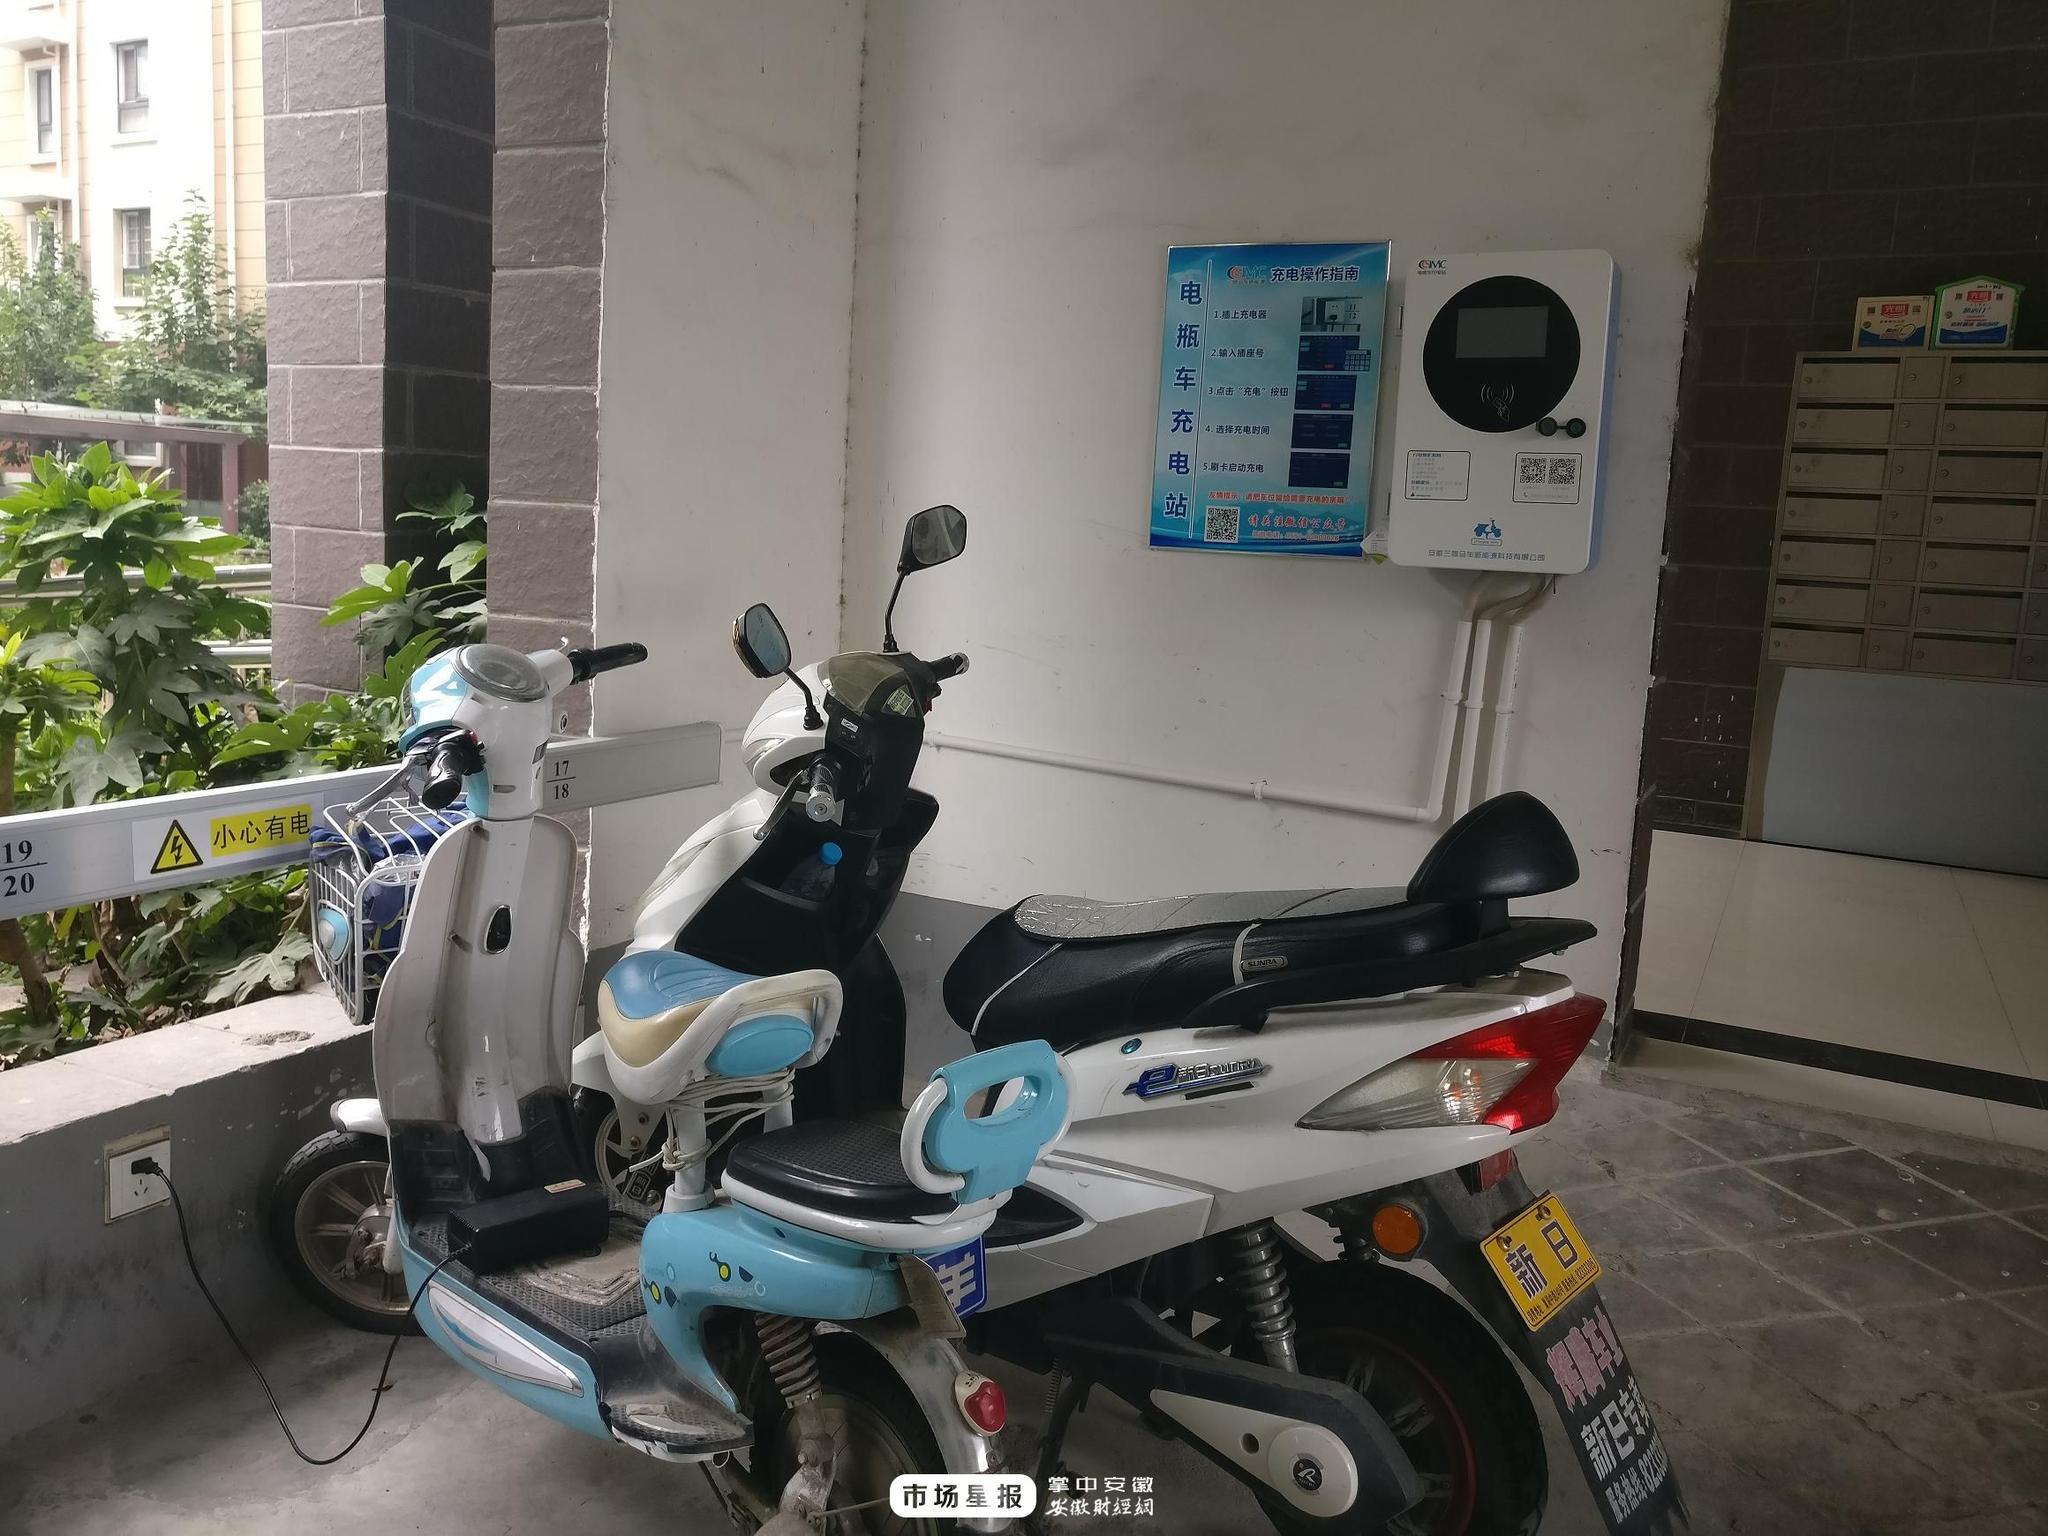 智能充电桩进小区 电动车充电不再难图片